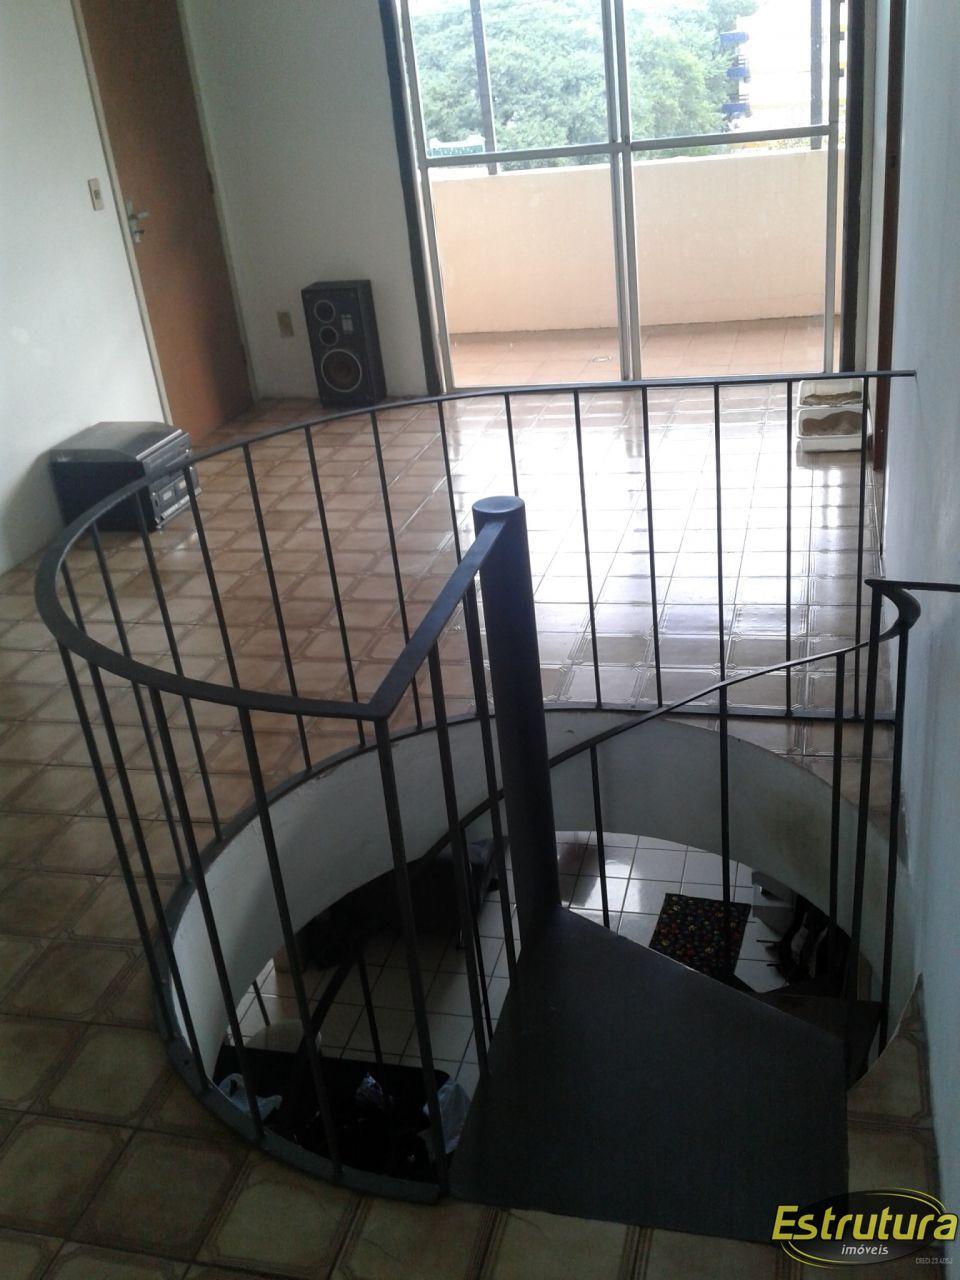 Apartamento com 2 Dormitórios à venda, 110 m² por R$ 300.000,00